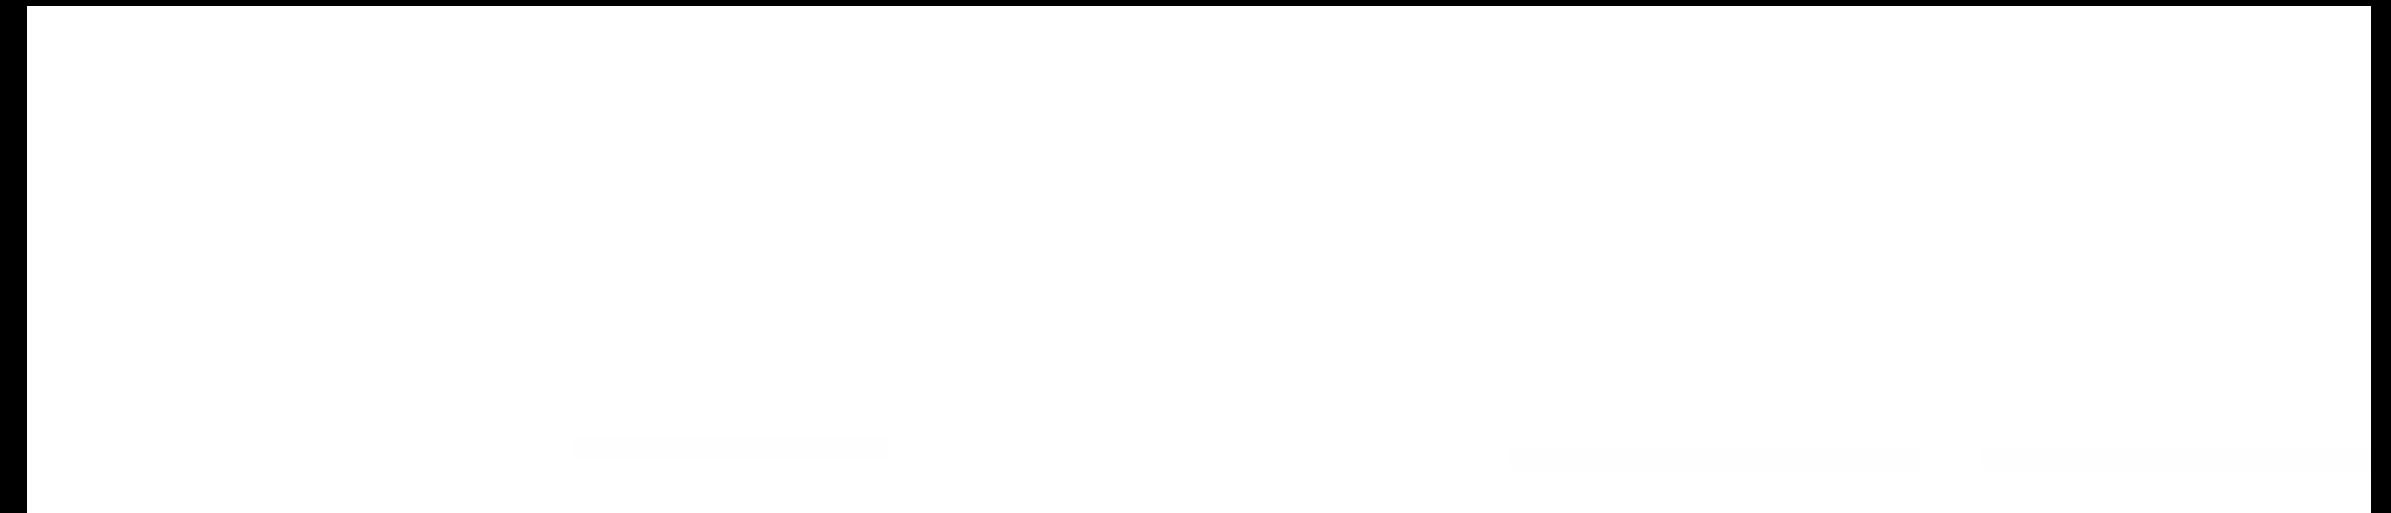 13TH_AwardsHeader_REV.png